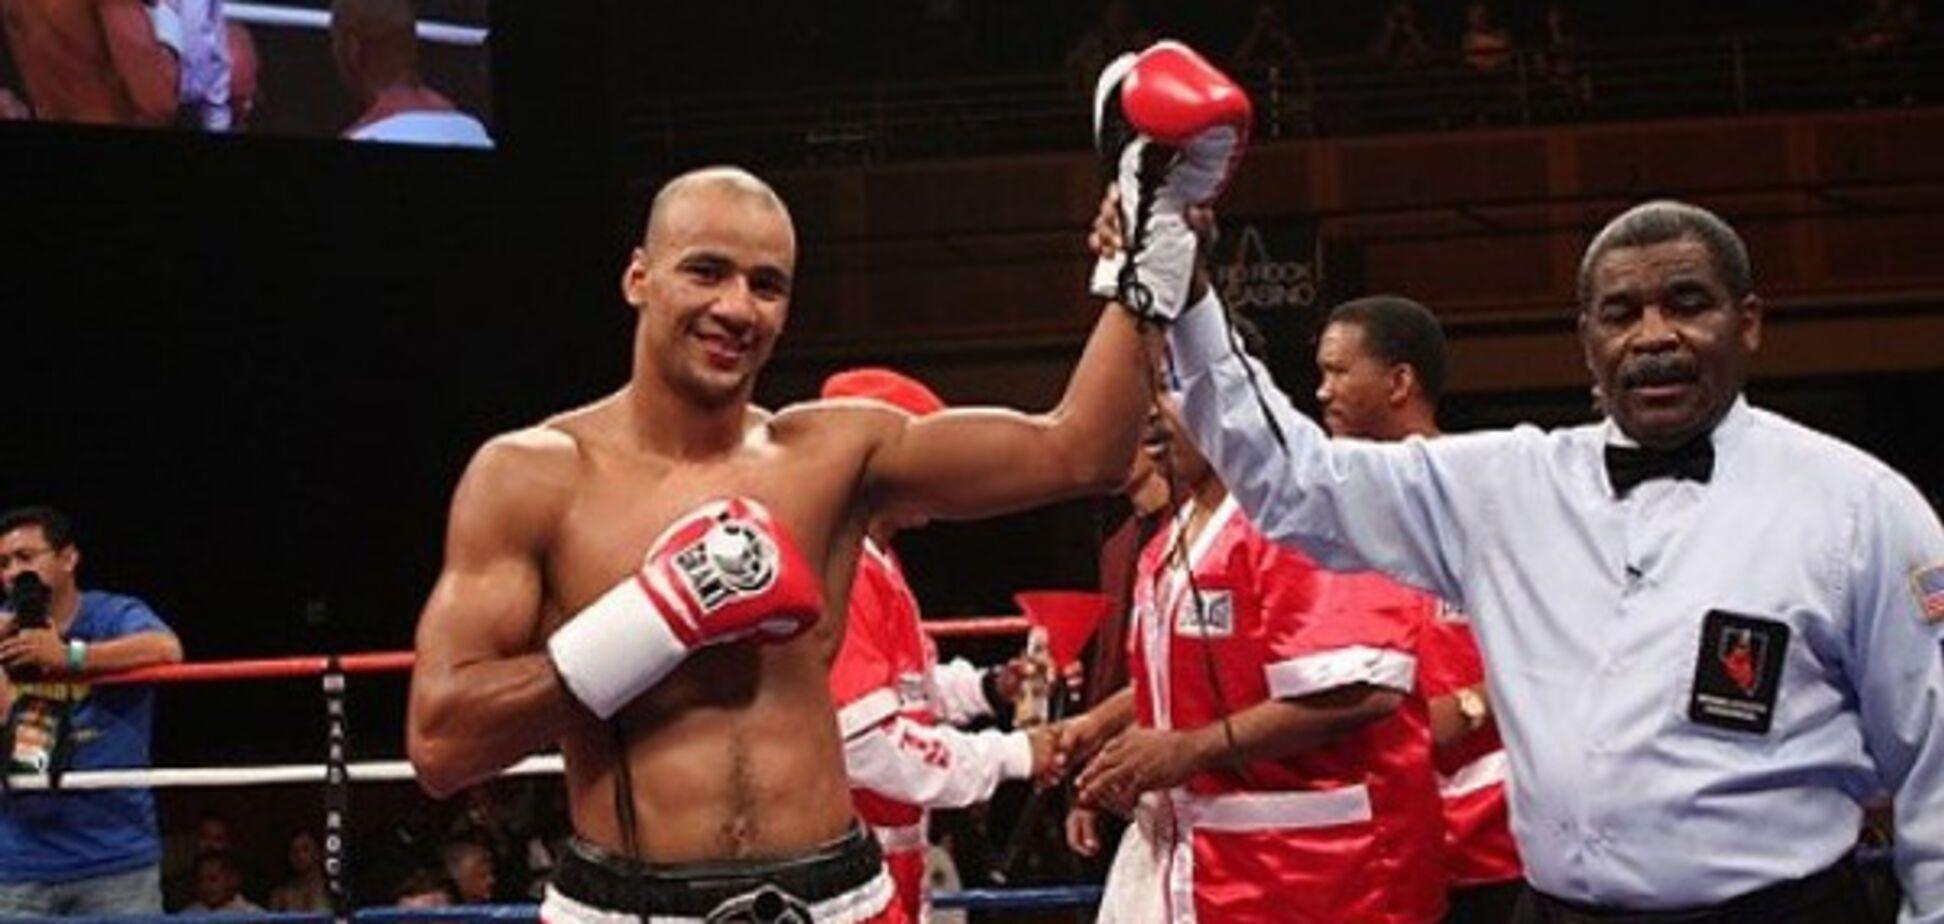 Известный украинский боксер нокаутировал американца в США